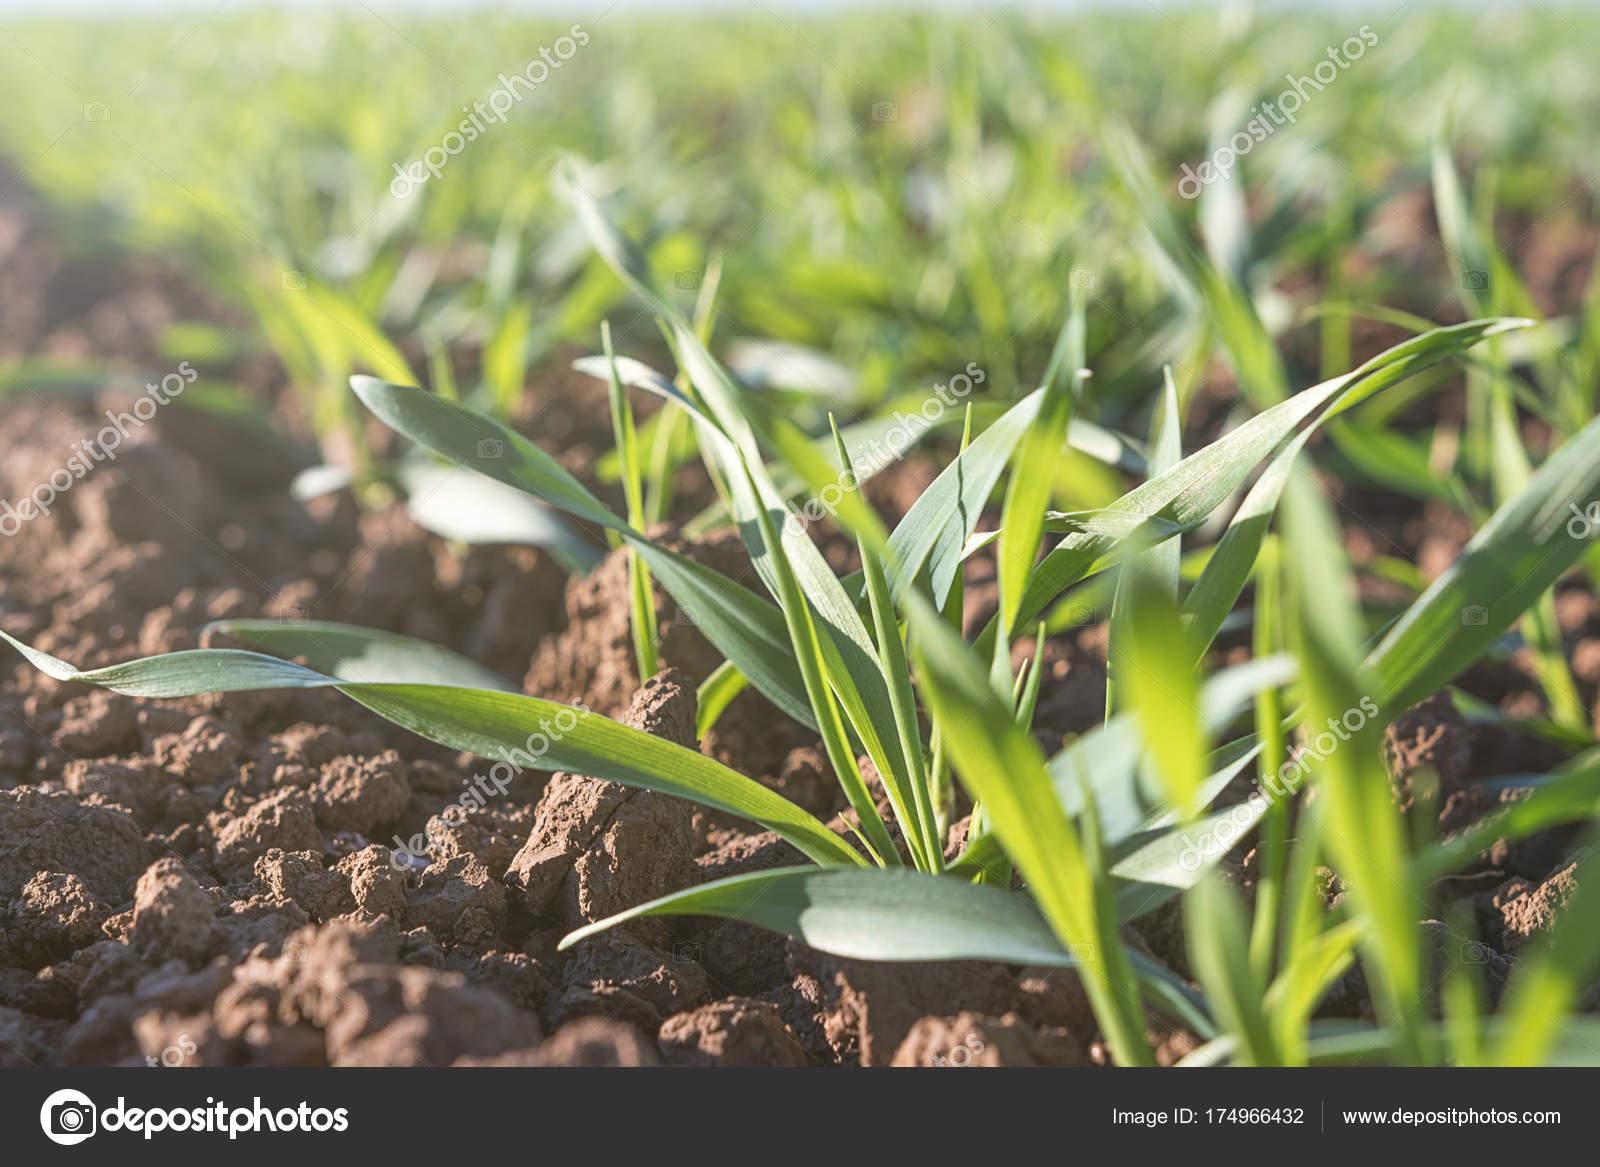 jeunes verts bl croissant dans le sol semis de bl croissant dans un champ photographie. Black Bedroom Furniture Sets. Home Design Ideas